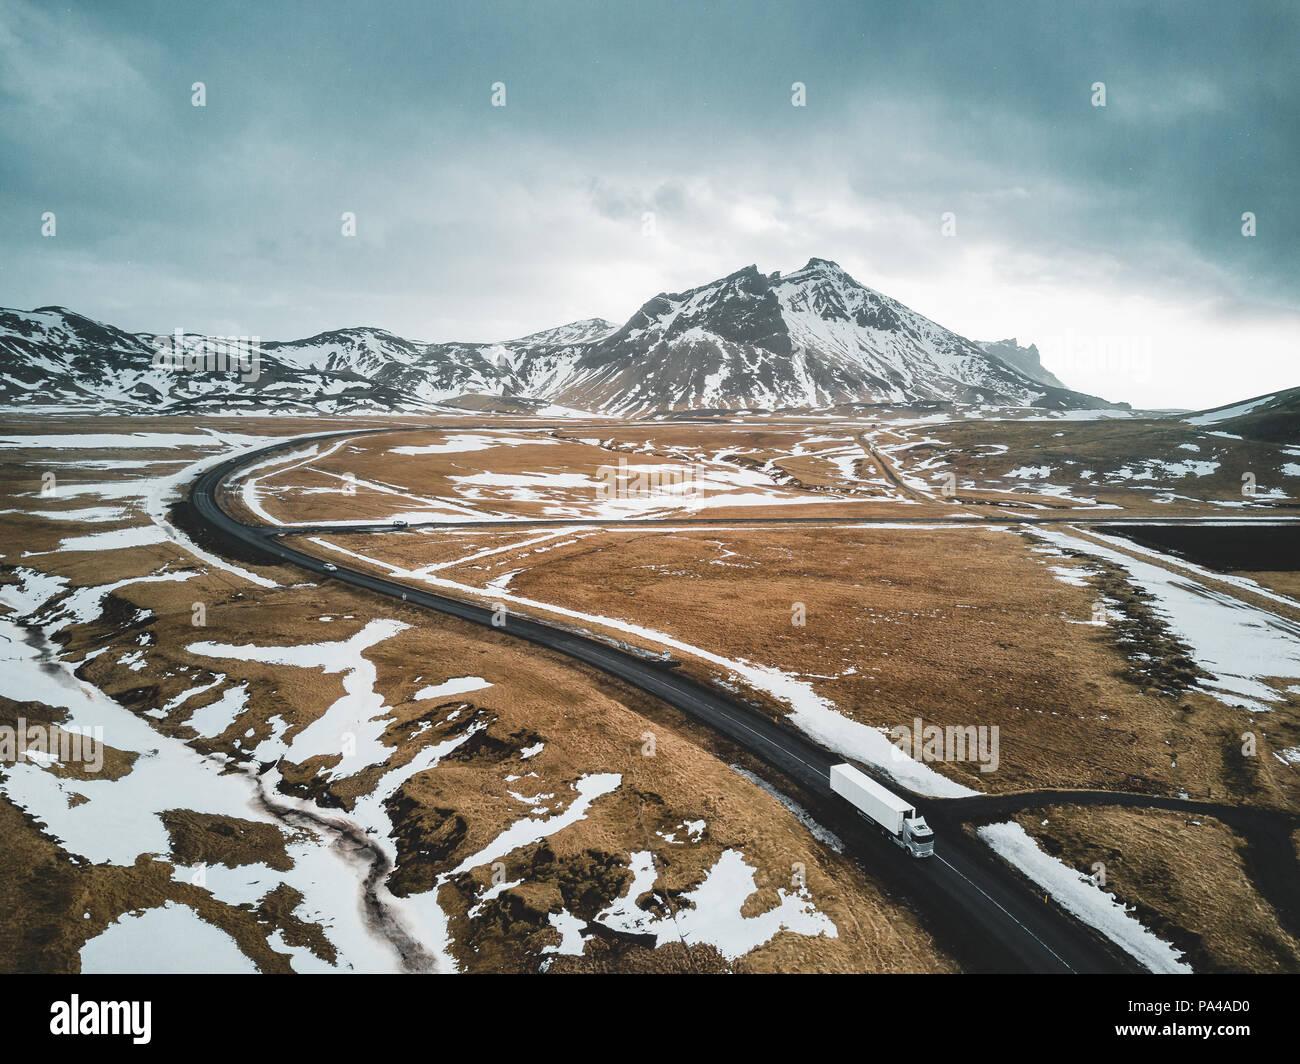 Island, Februar 2018: ein Lkw ist entlang einer Straße mit Luftaufnahme von Landschaft mit Schnee und Wolken Street und gelbe und grüne Gras. Stockbild